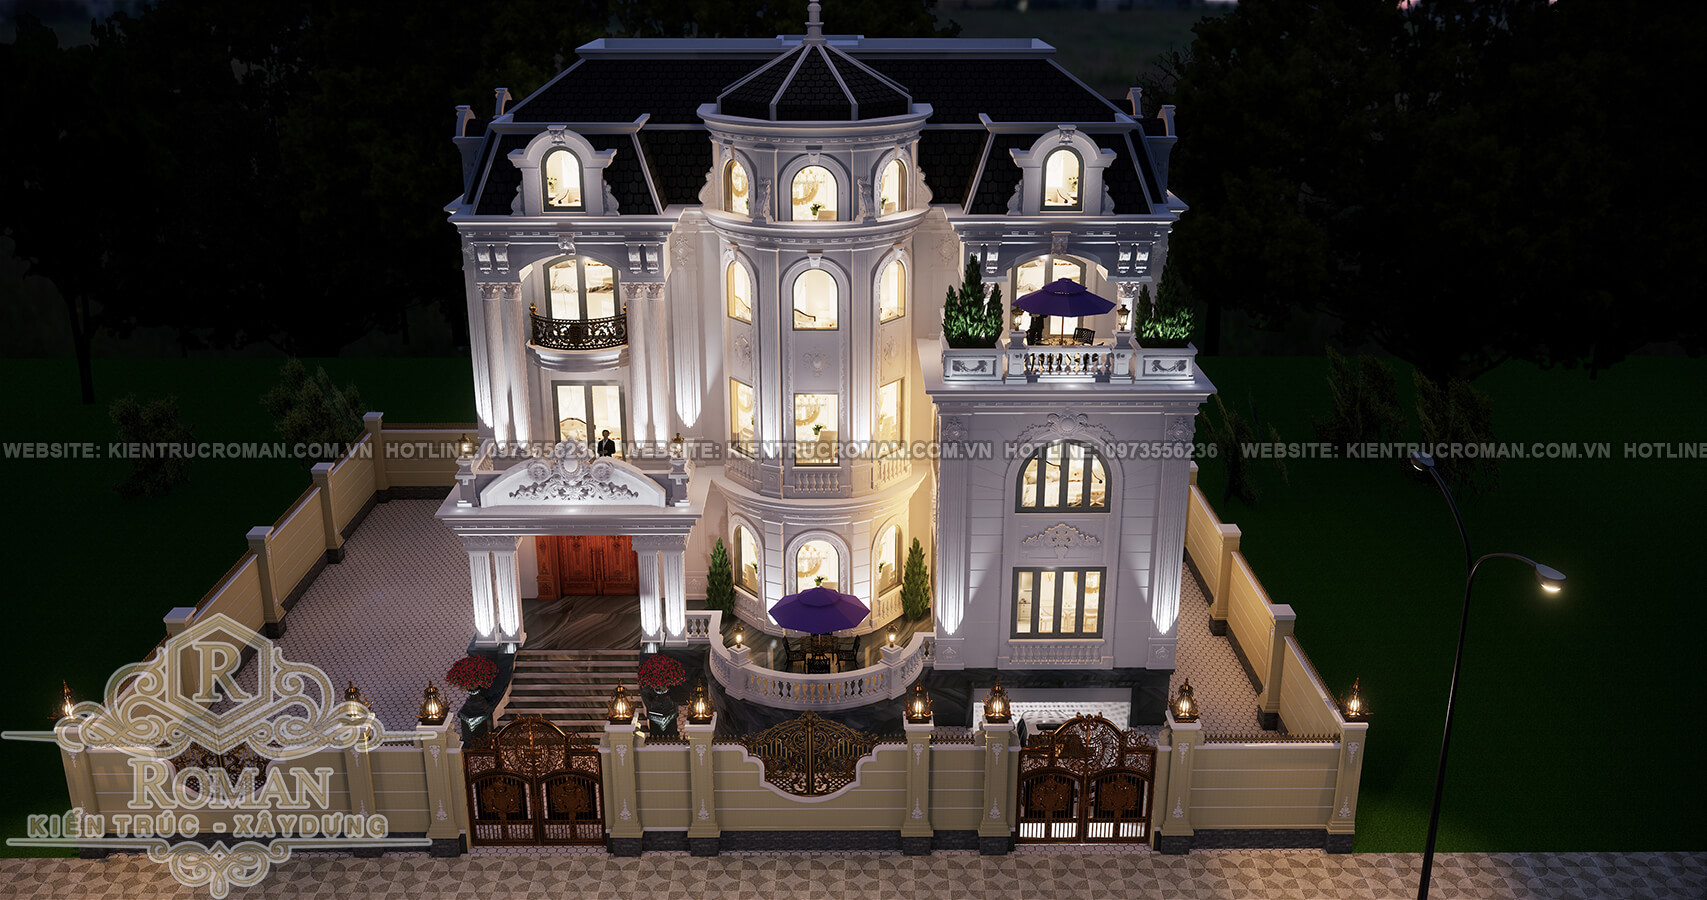 biệt thự kiến trúc pháp 1